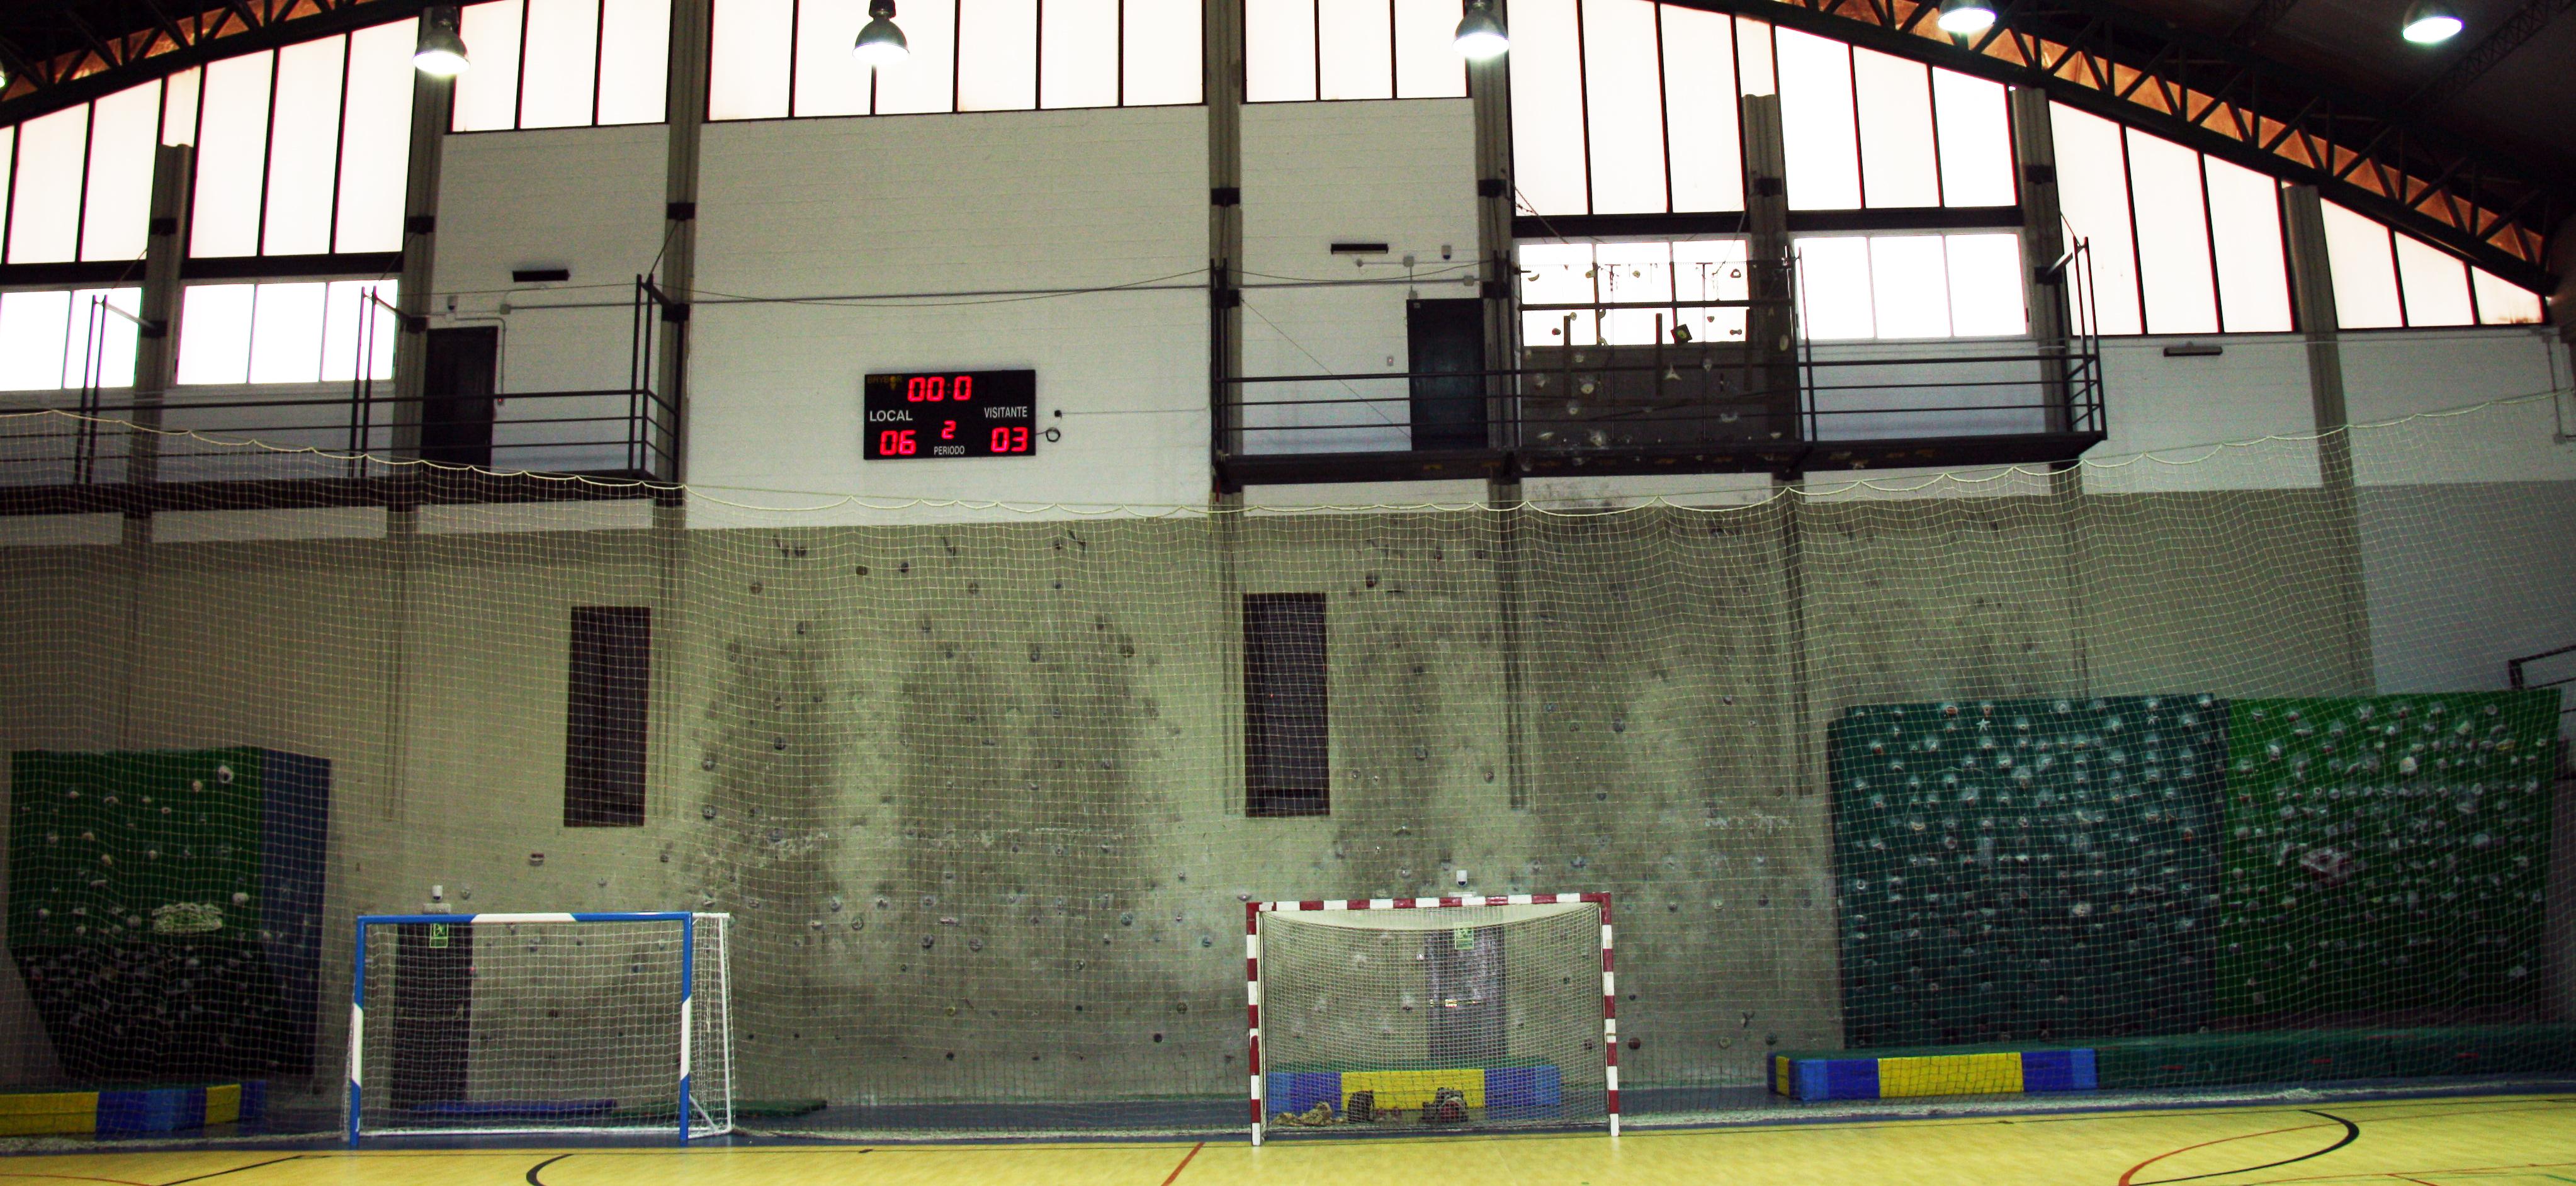 Universidad de alicante federaci d esports de muntanya for Piscina universidad alicante